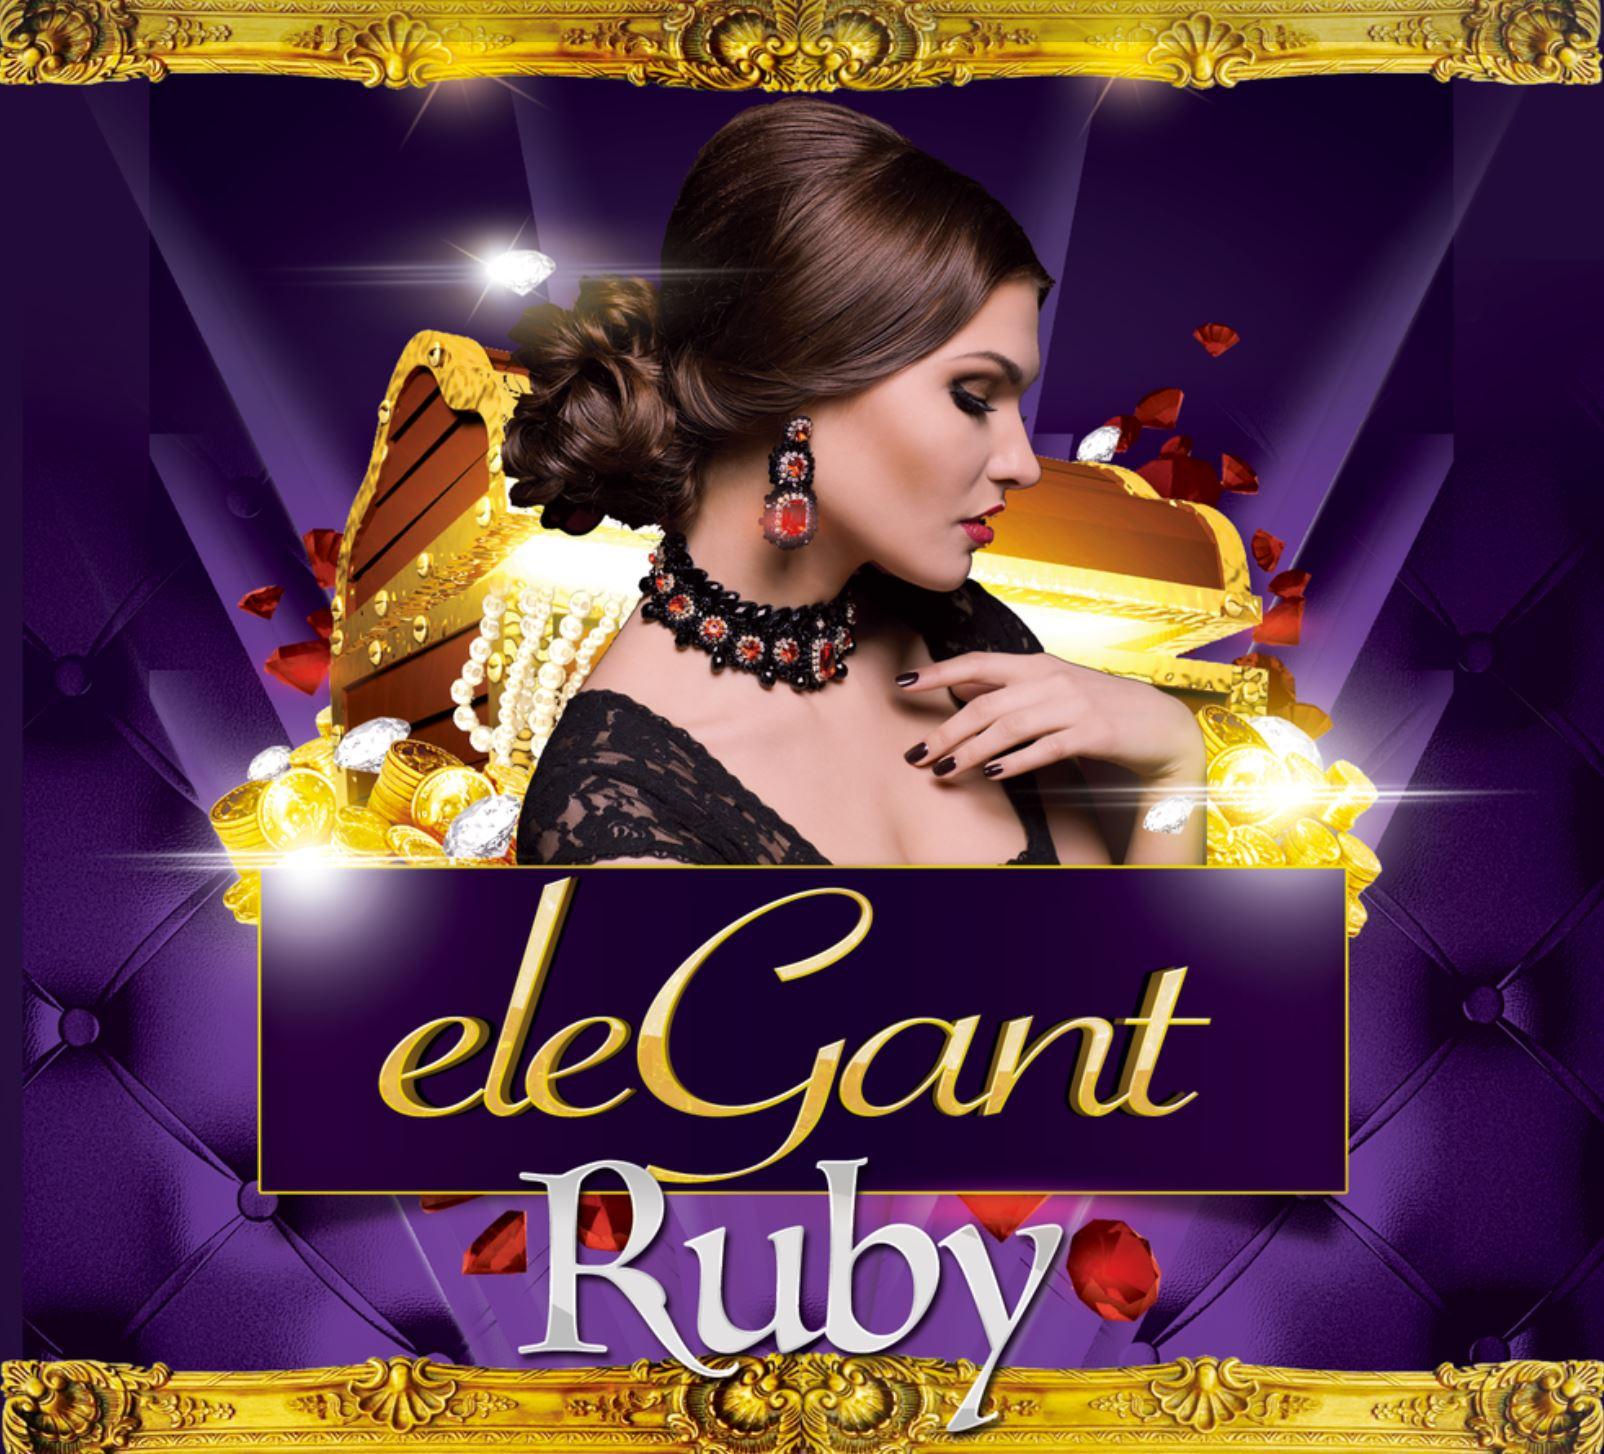 eleGant Ruby